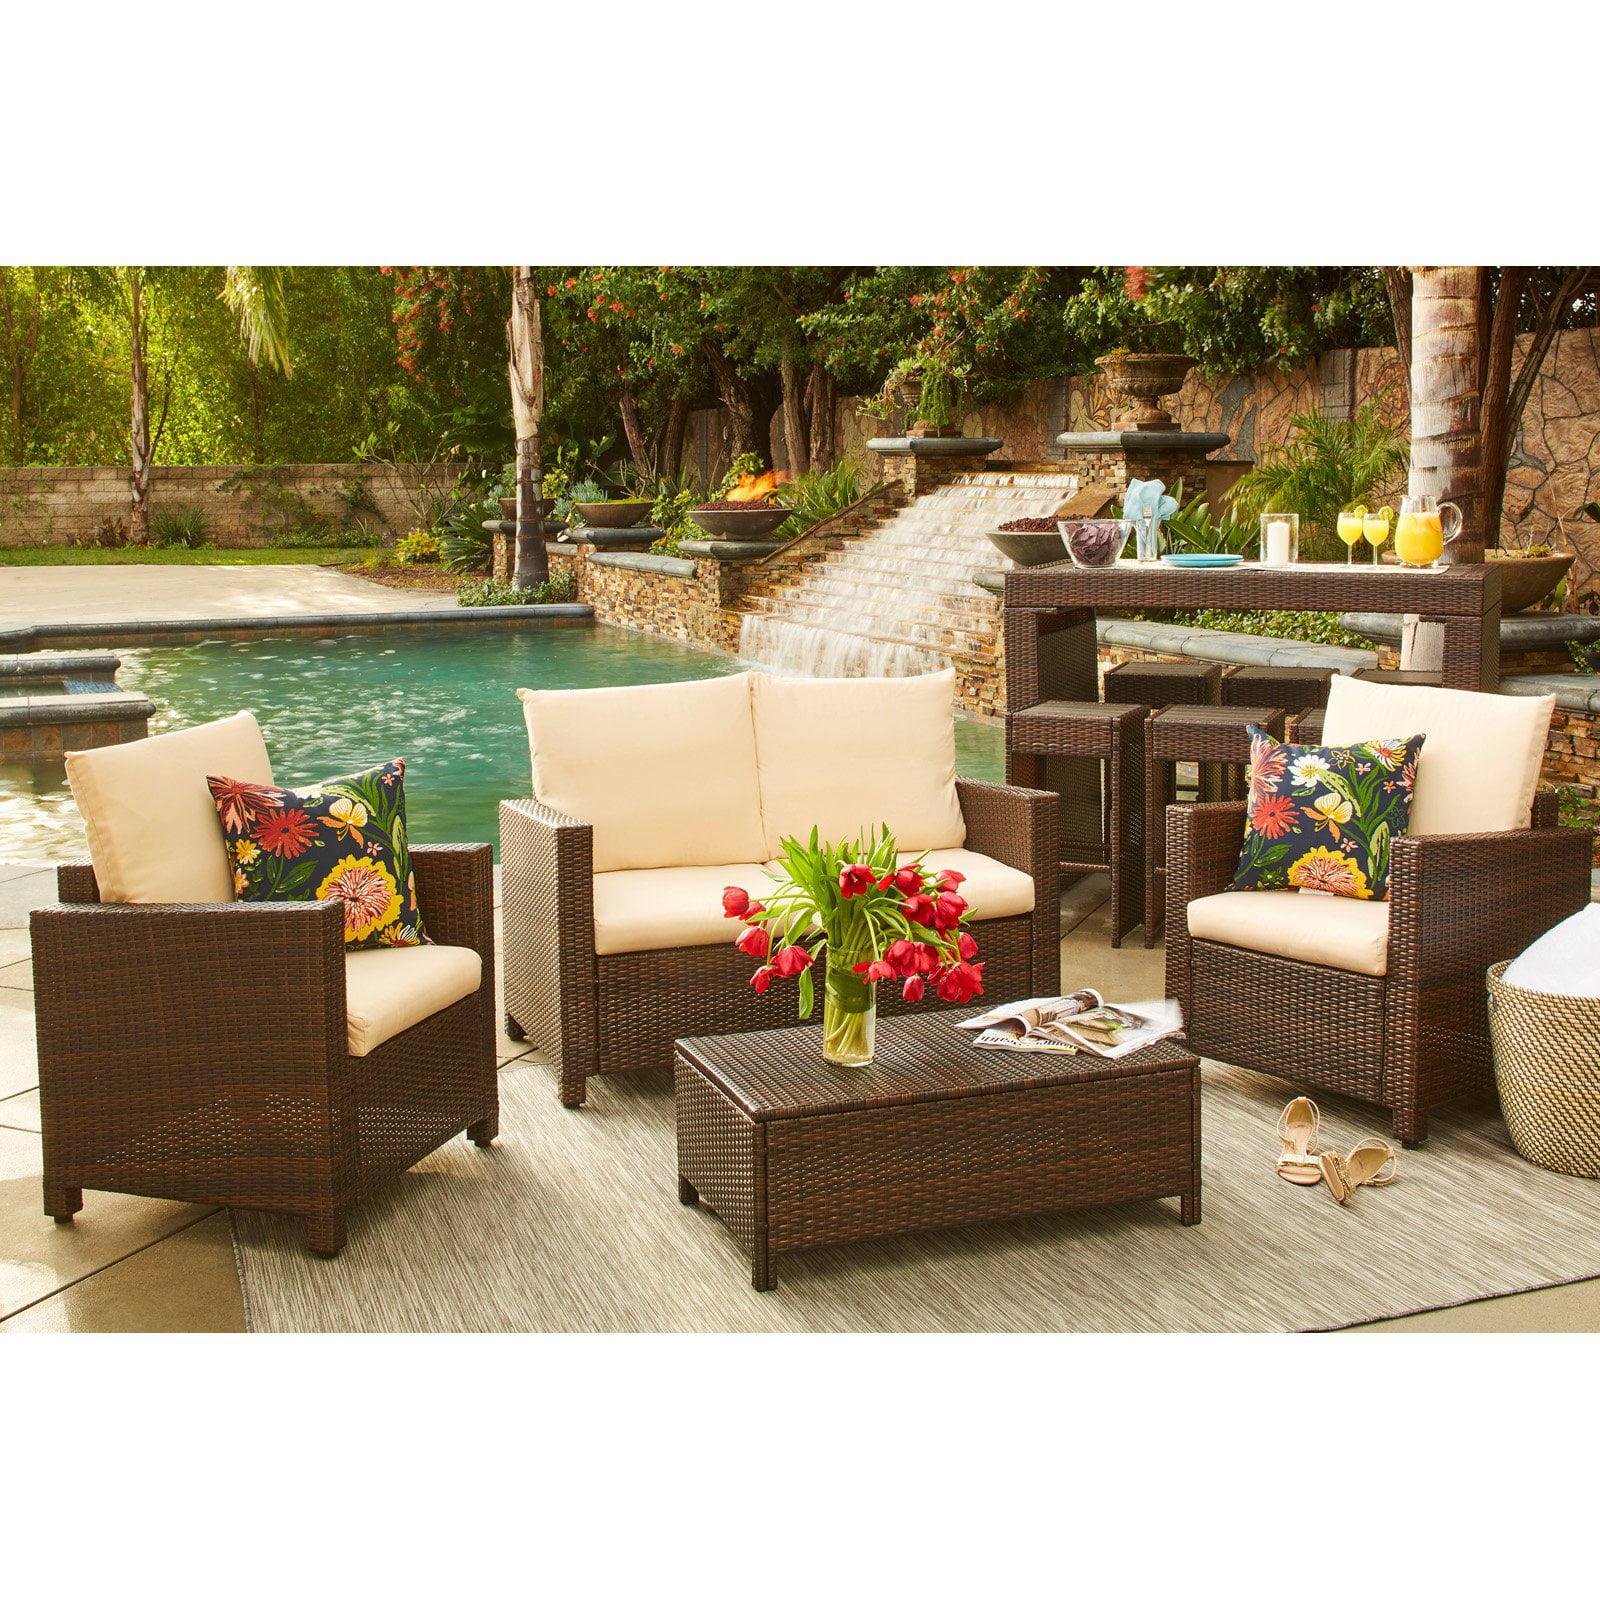 Handy Living Vail 4 Piece Wicker Indoor/Outdoor Conversation Set